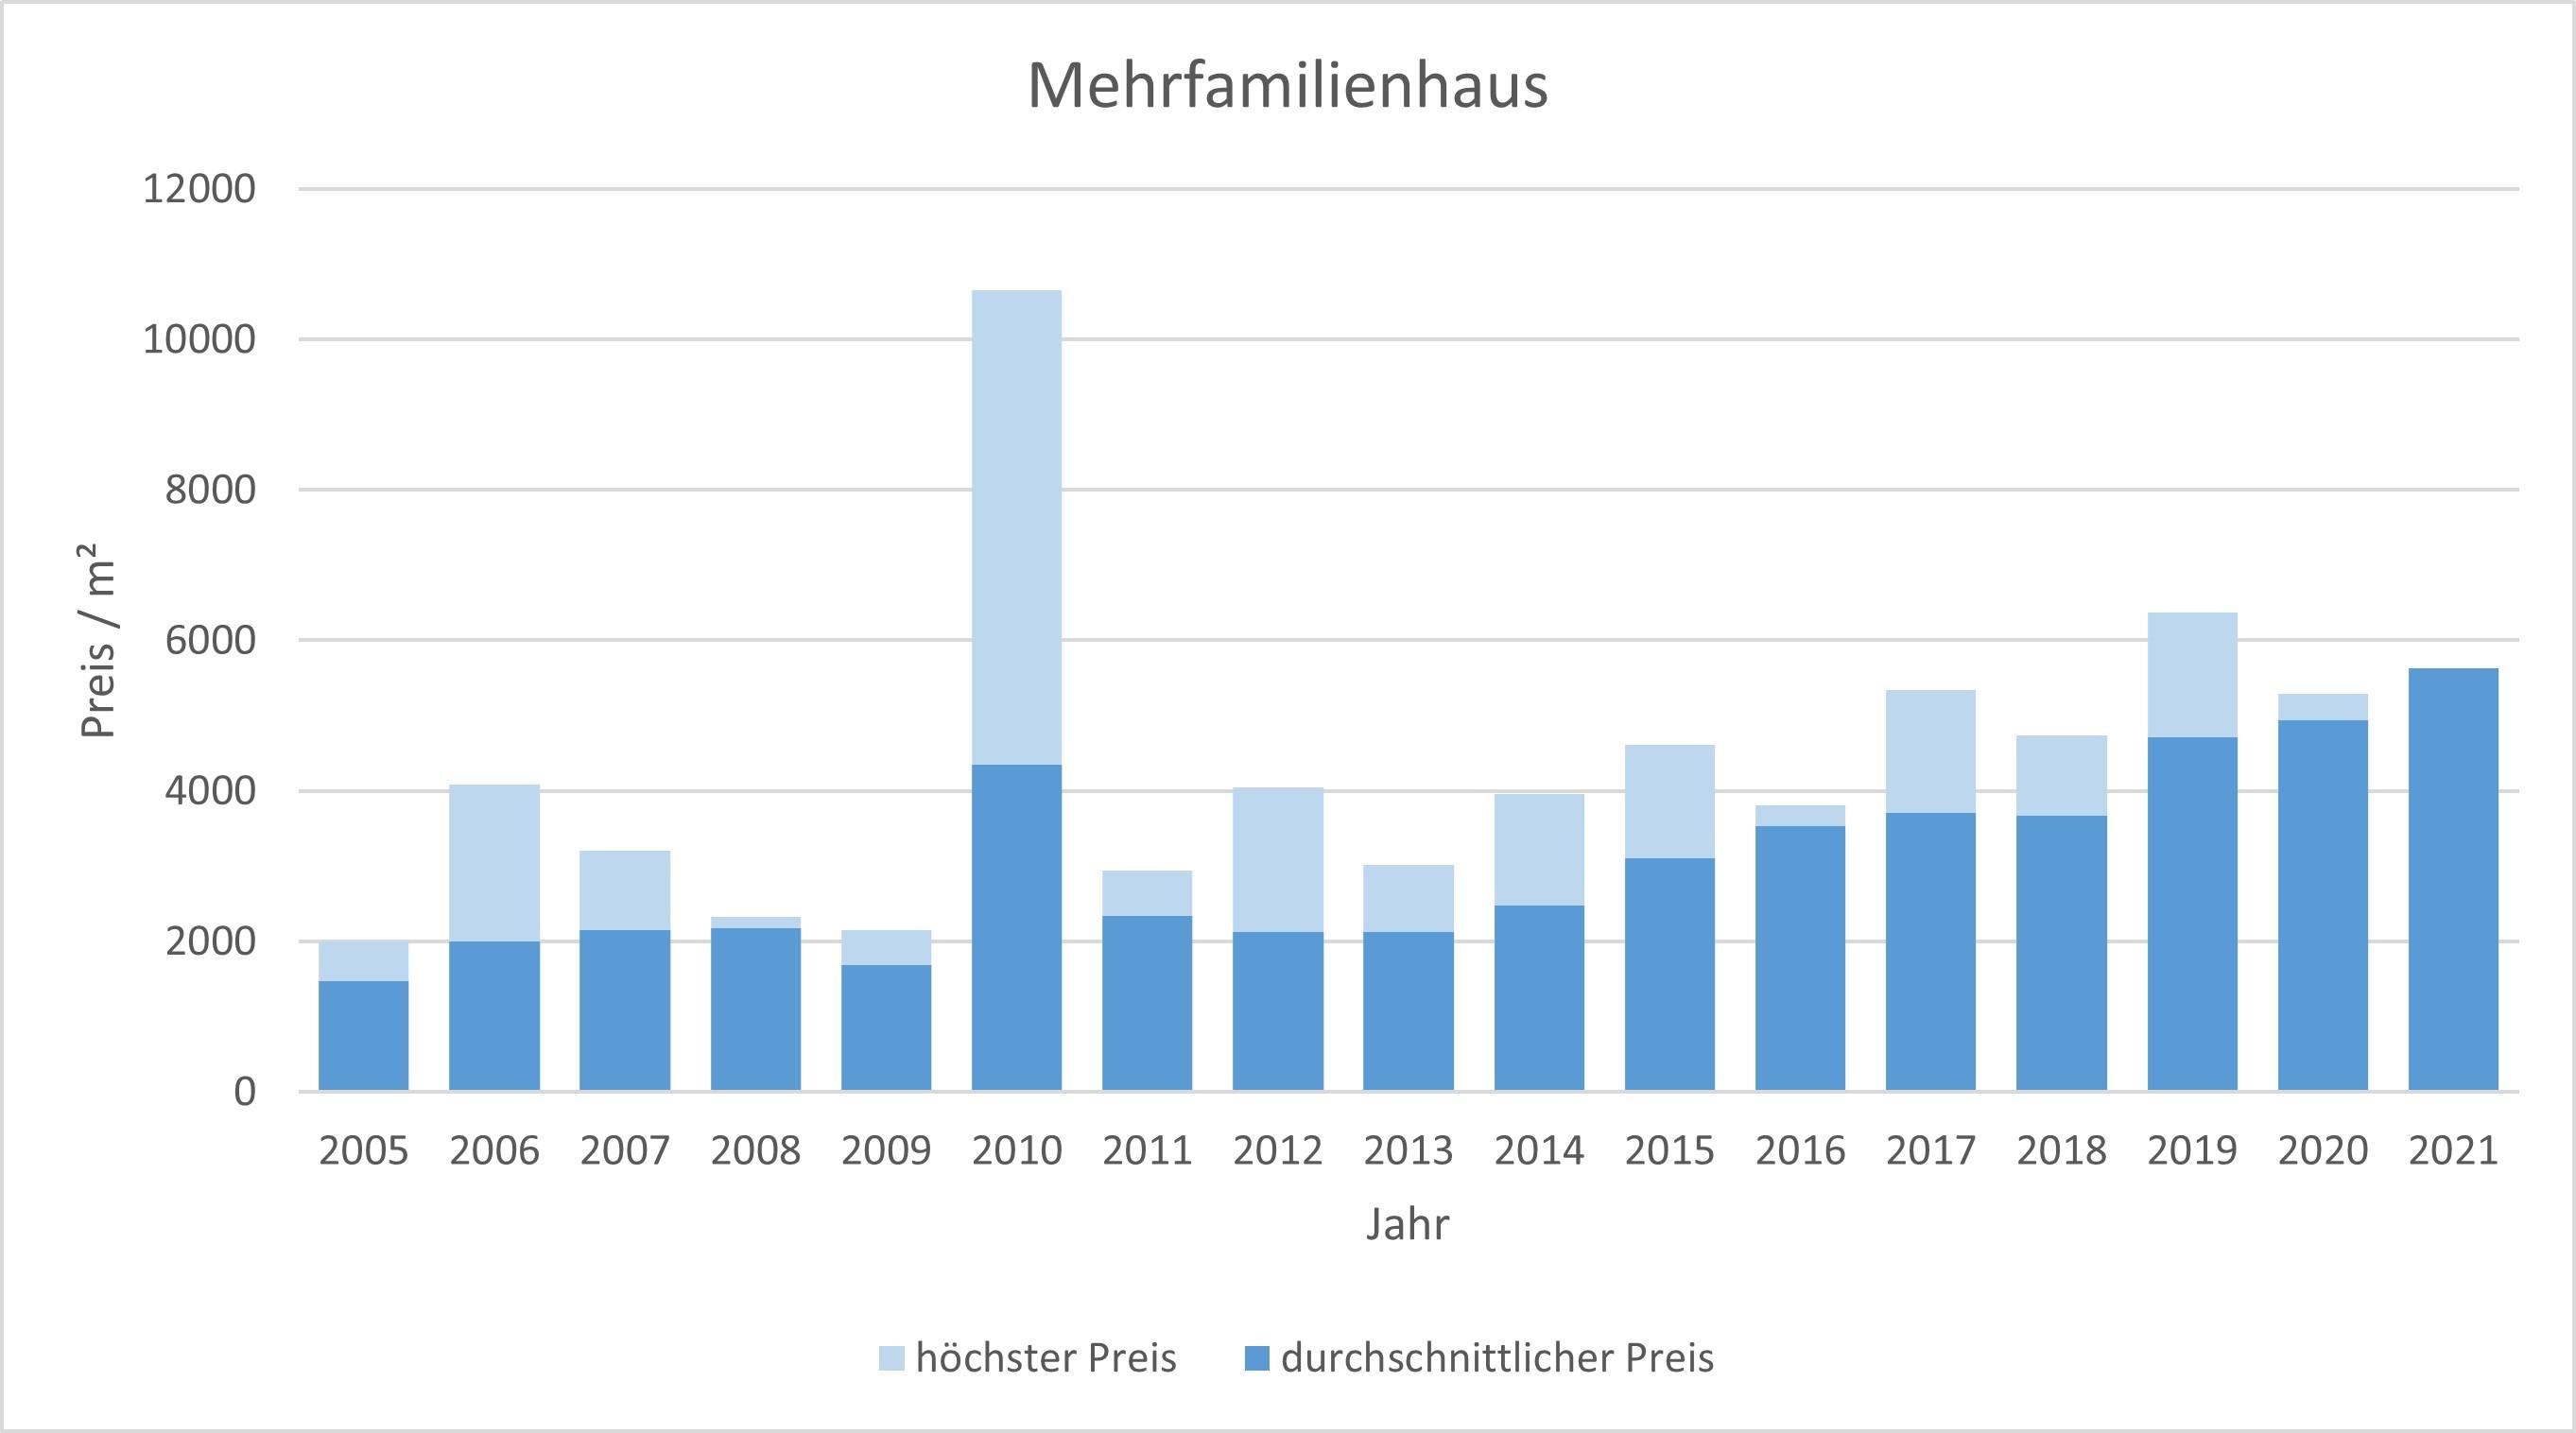 Wolfratshausen Mehrfamilienhaus kaufen verkaufen Preis Bewertung 2019 2020 2021 Makler www.happy-immo.de